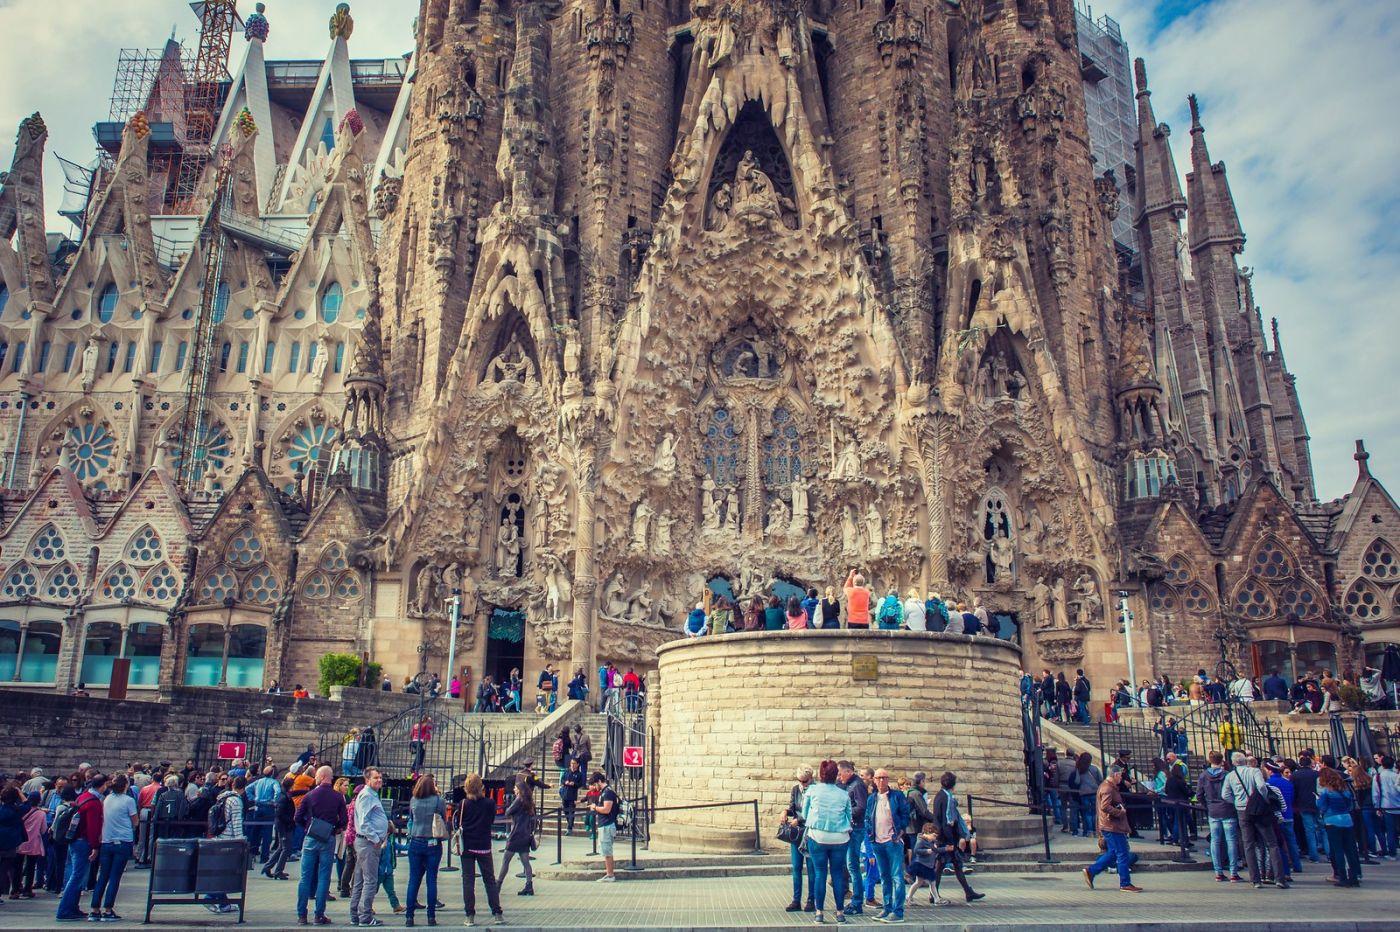 西班牙圣家堂(Sagrada Família), 上帝建筑师-高第的作品_图1-22